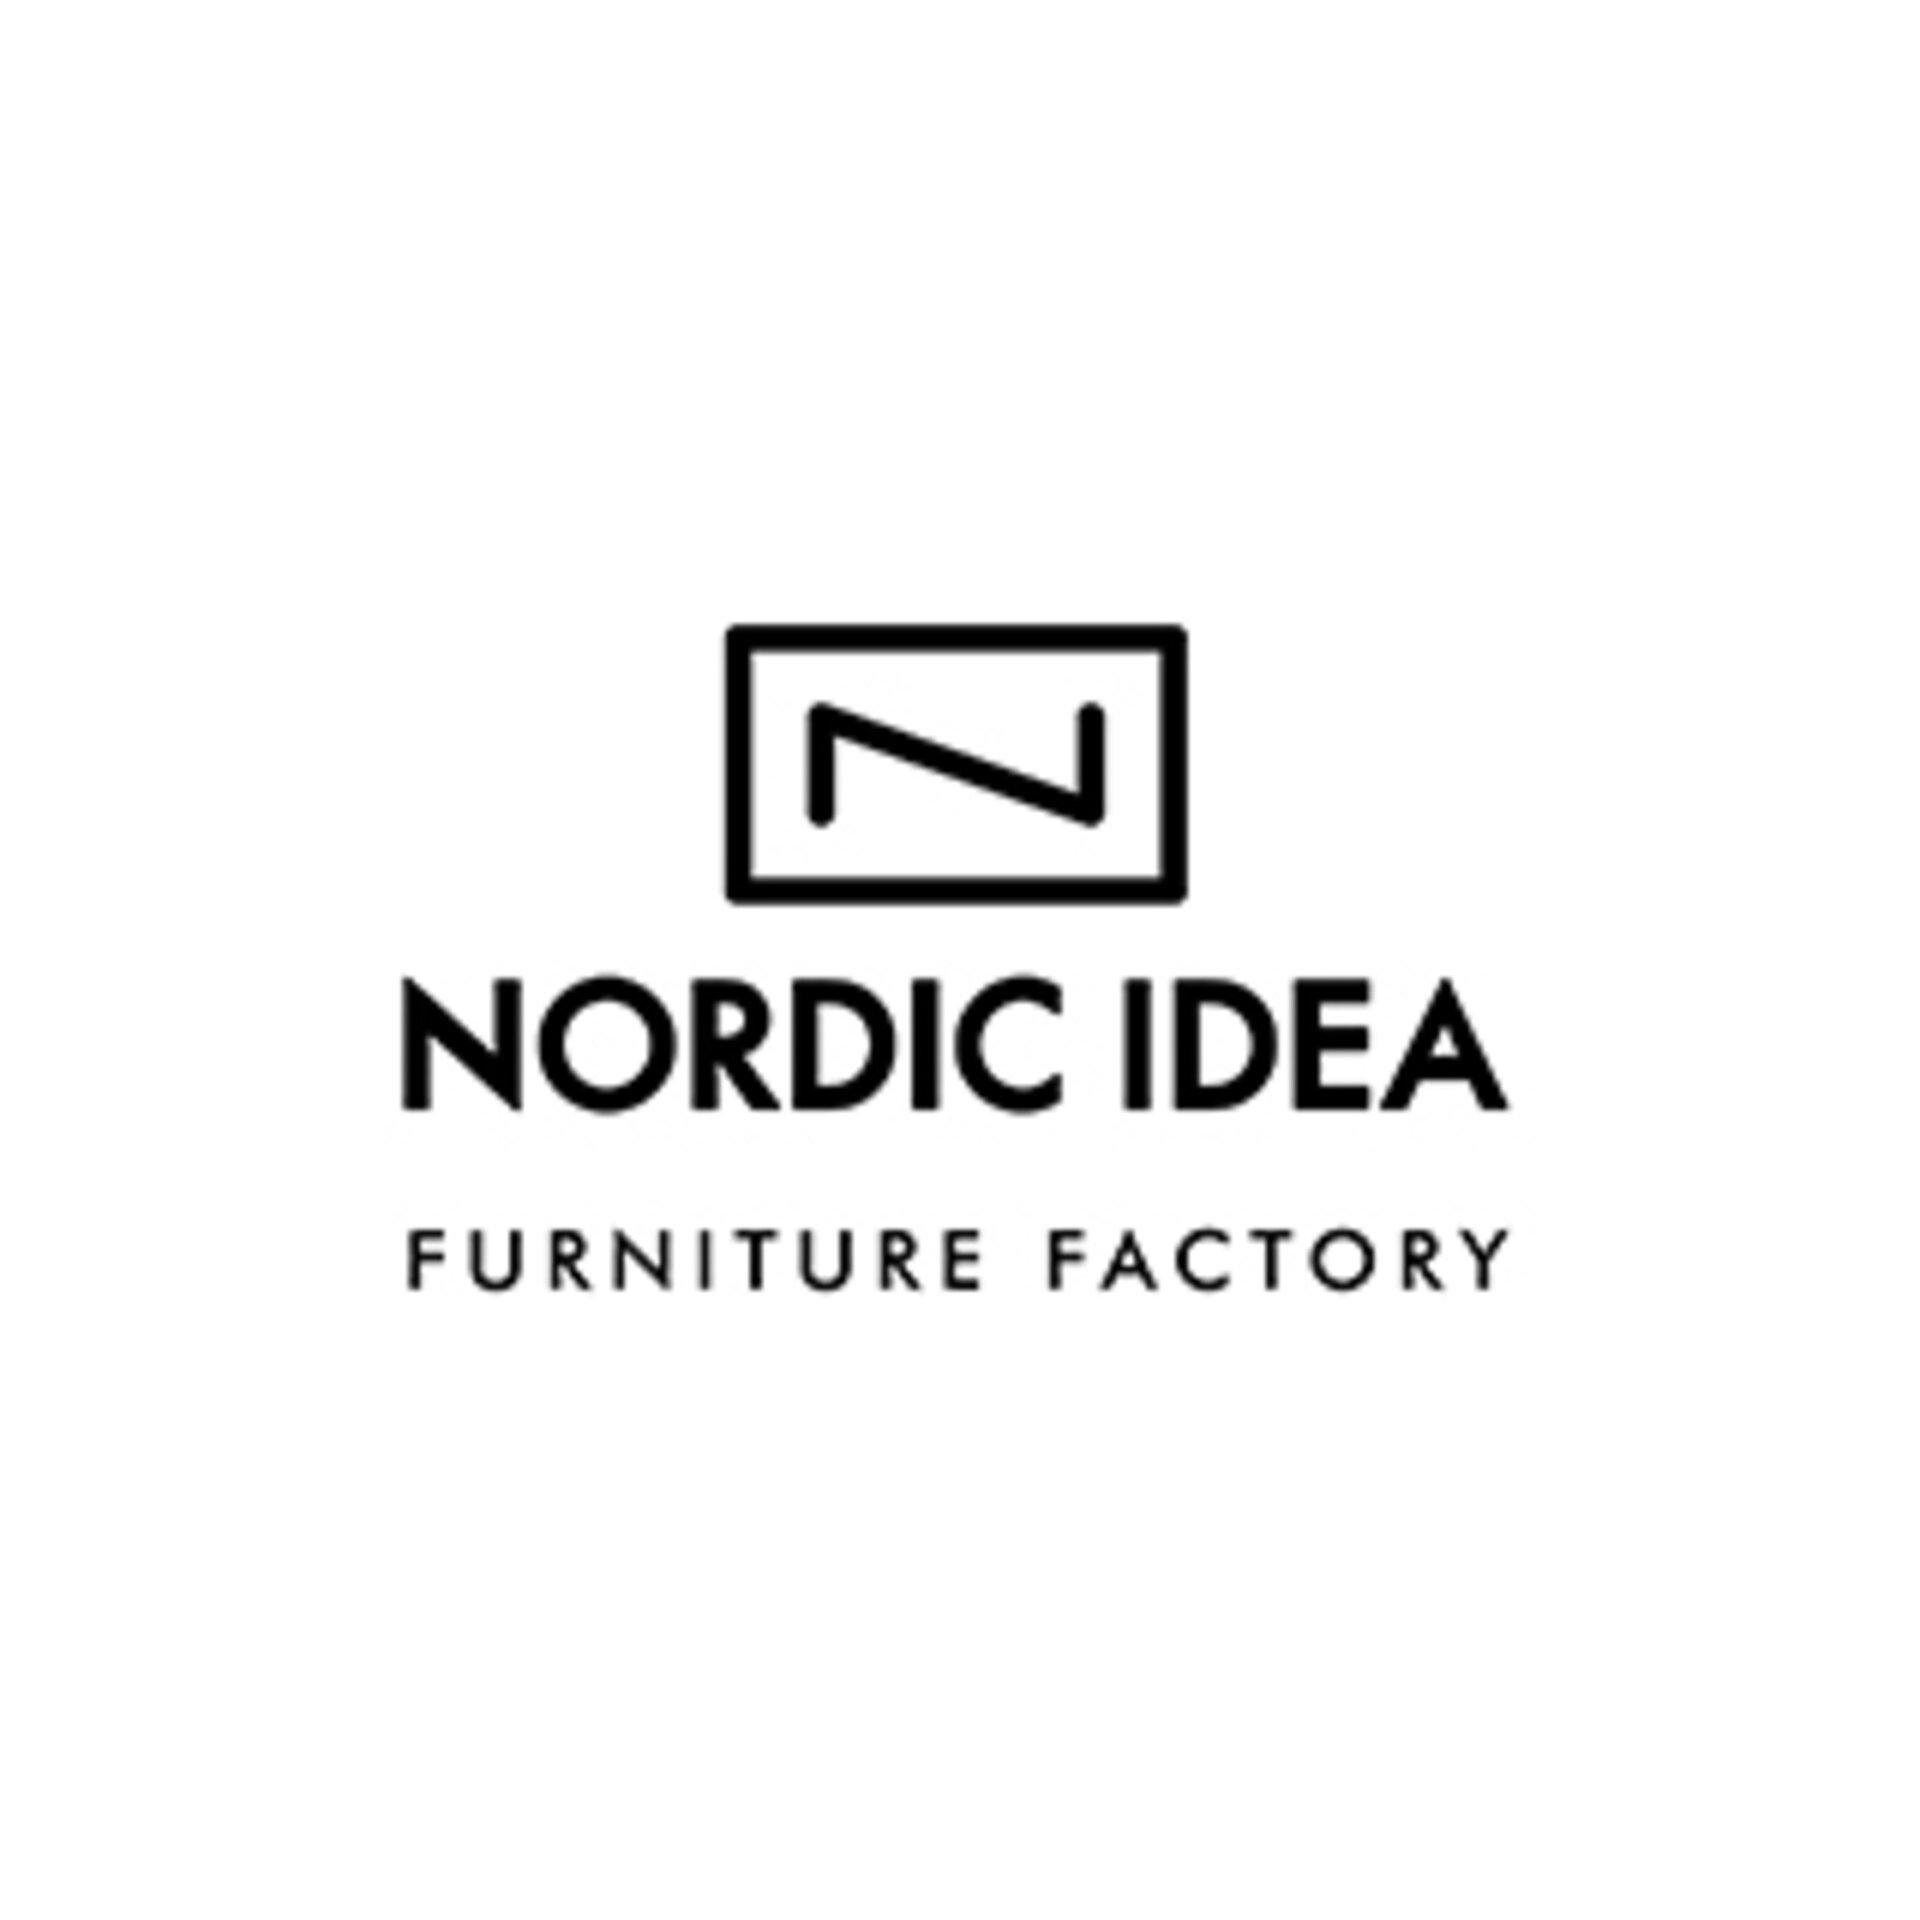 Nordic Idea